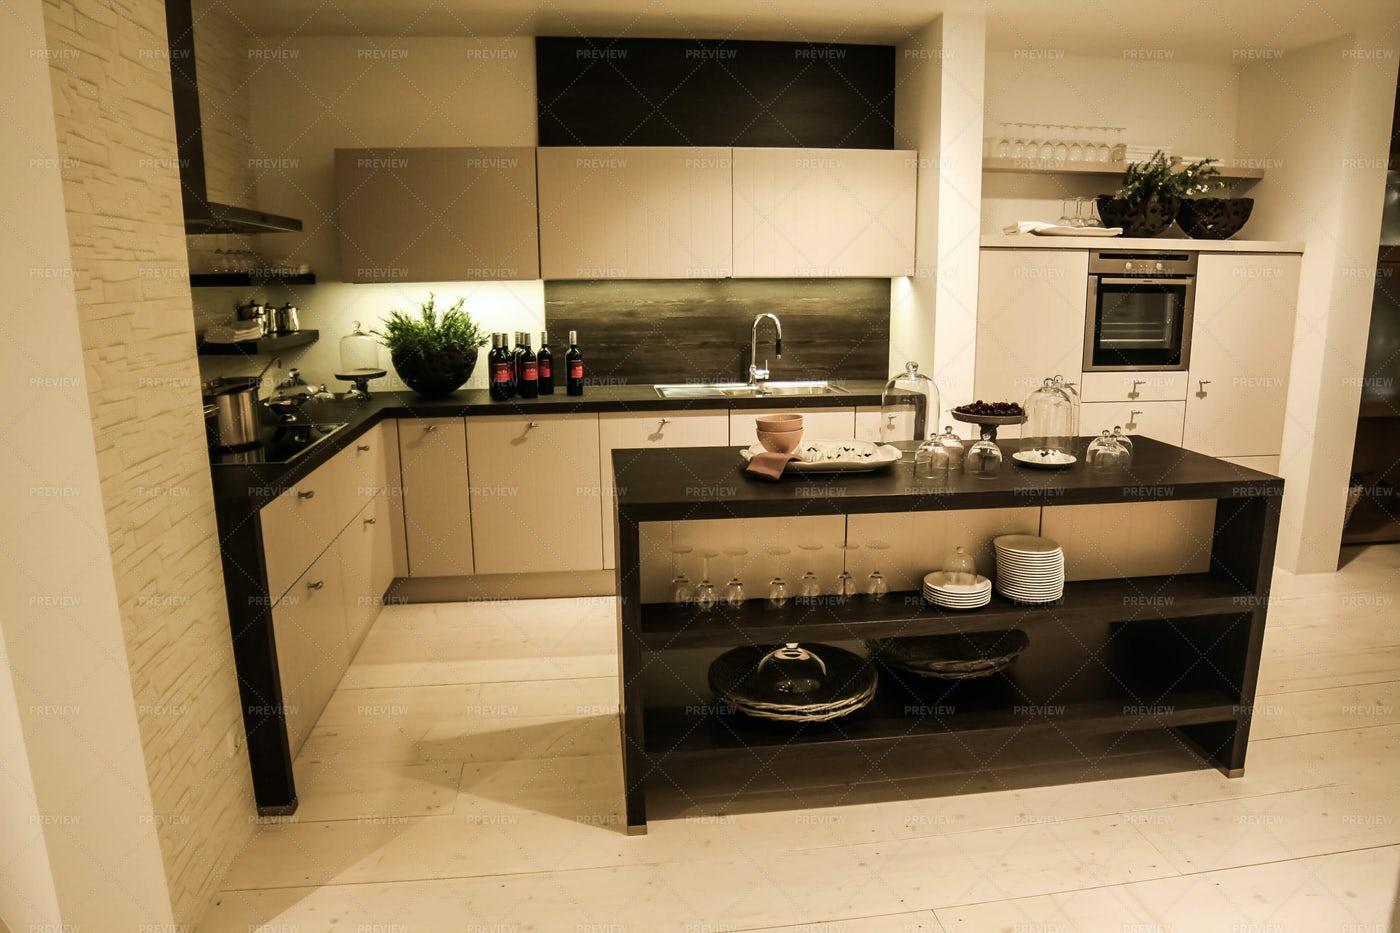 Black And White Modern Kitchen: Stock Photos